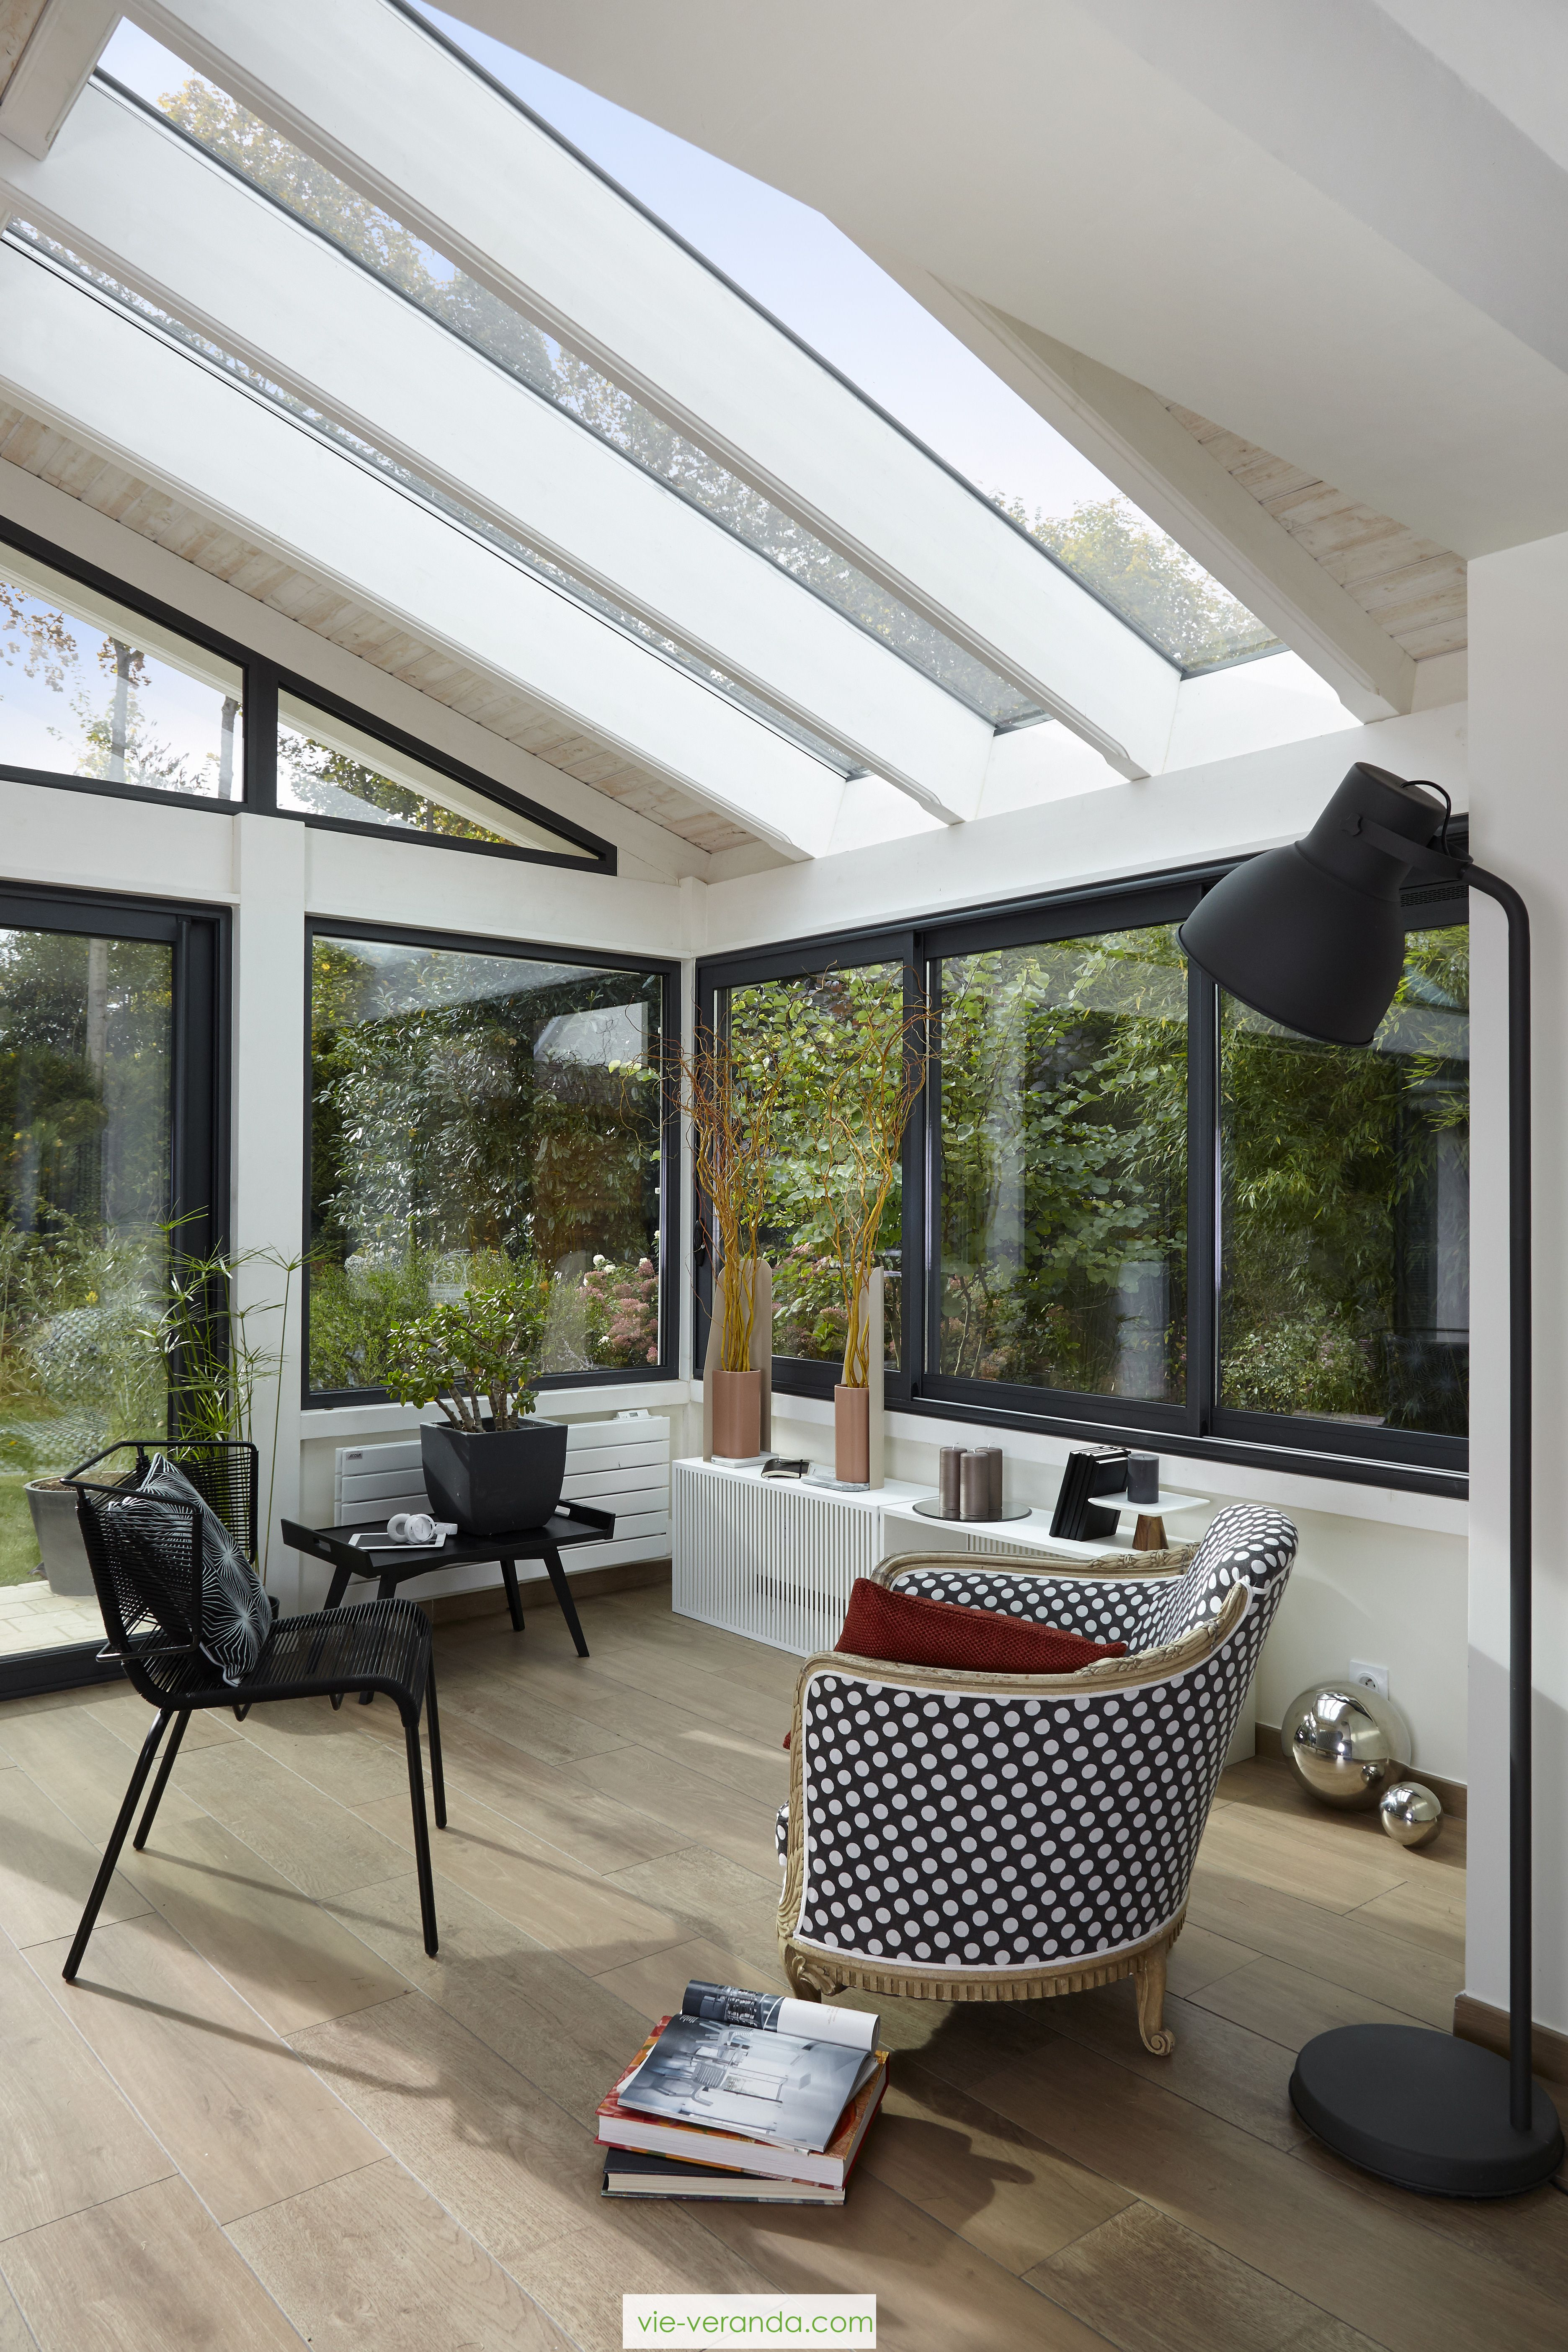 Chauffage dans la véranda : quelles solutions possibles ? en 2020 | Veranda, Decoration ...